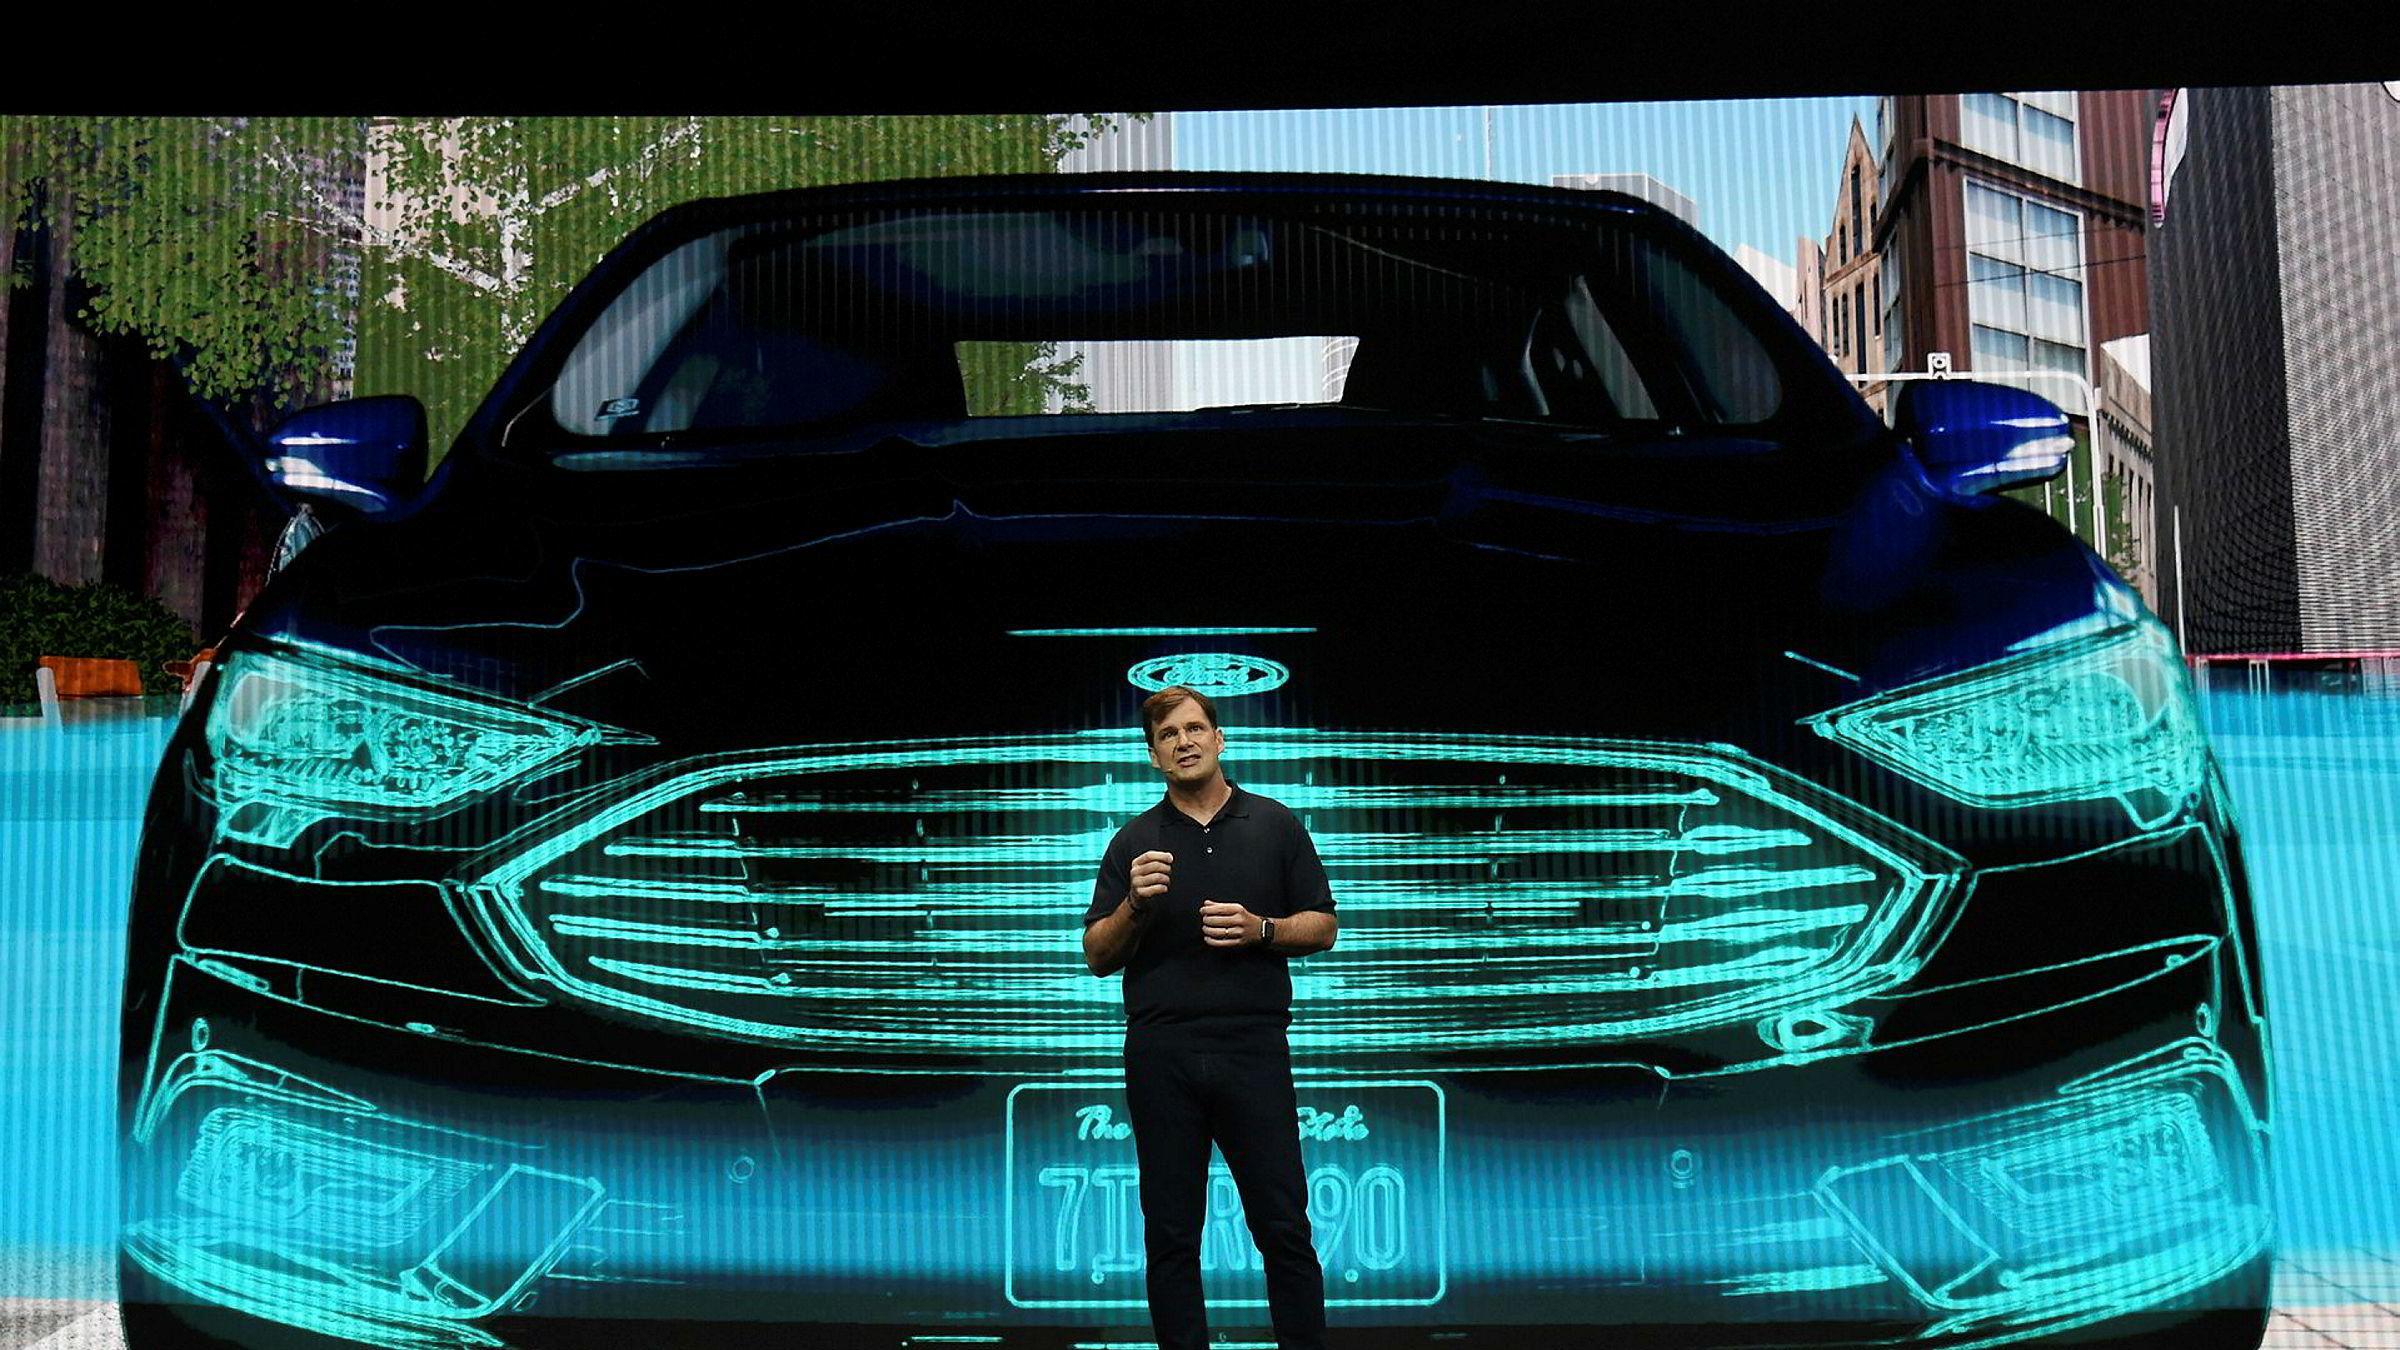 Ford-sjef Jim Farley snakker på bilmessen i Las Vegas i helgen der han la frem Fords satsing på elbiler de kommende årene.